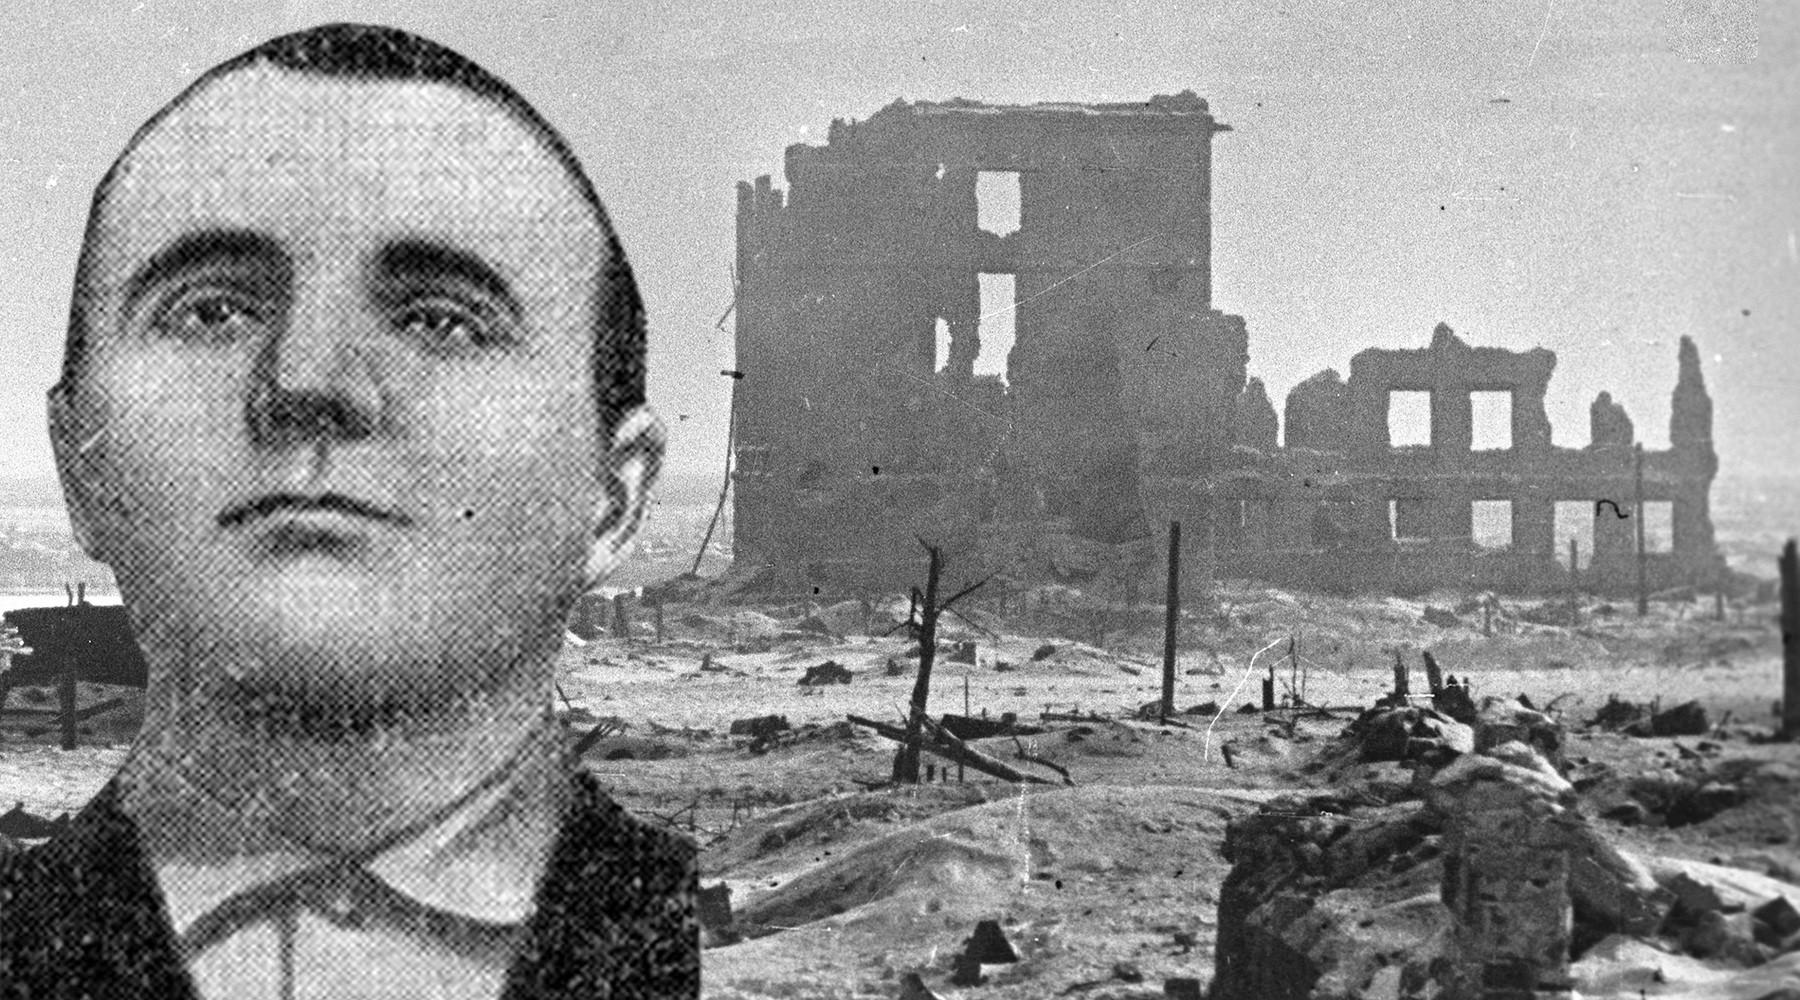 5a6c7596370f2cdf4e8b45e6 «23 немца были убиты, остальные в панике бежали»: как советский солдат смог в одиночку расправиться с отрядом фашистов